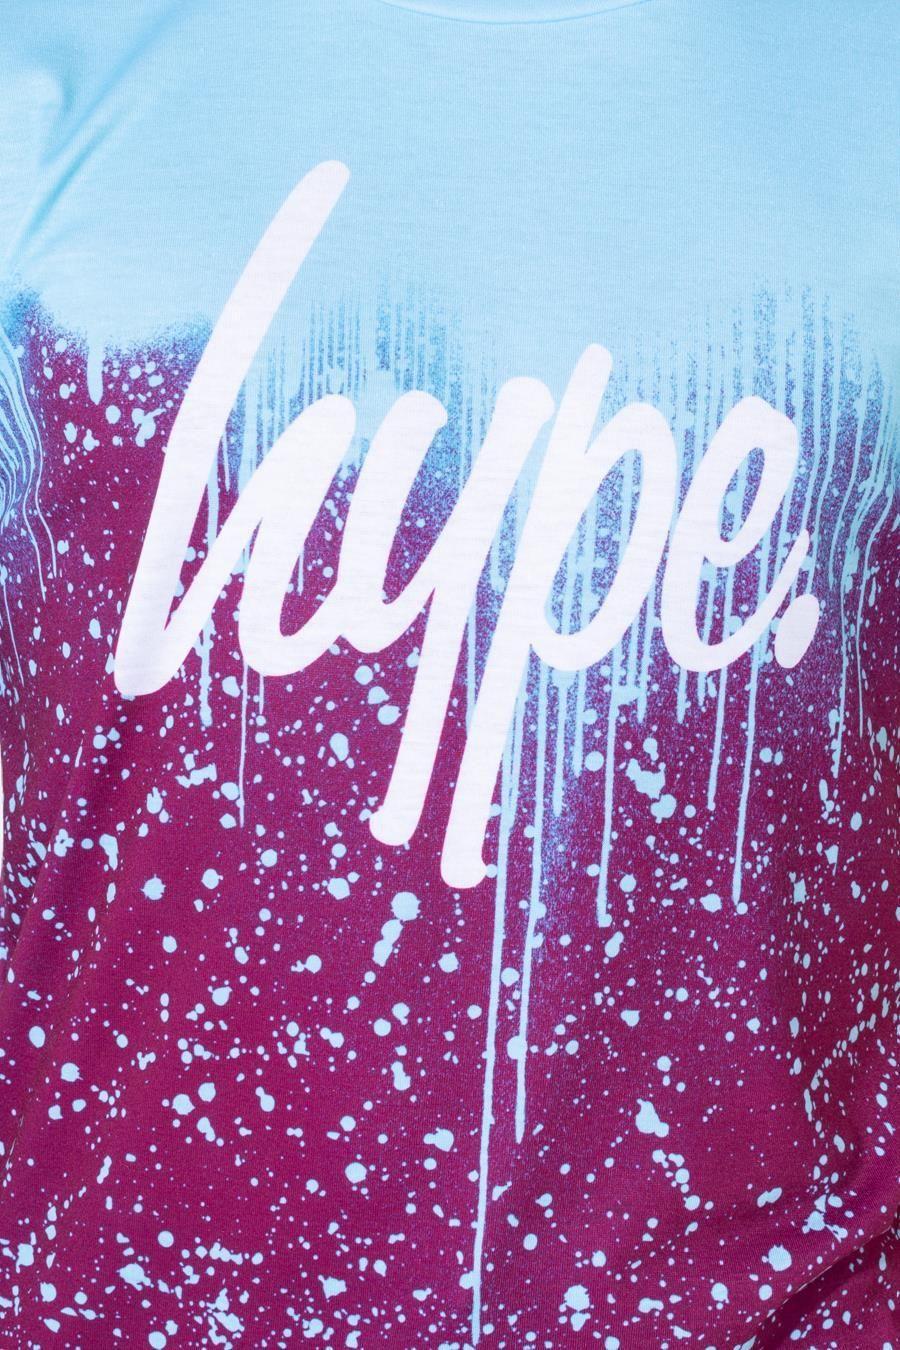 Hype Invert Plum Drips Kids T-Shirt